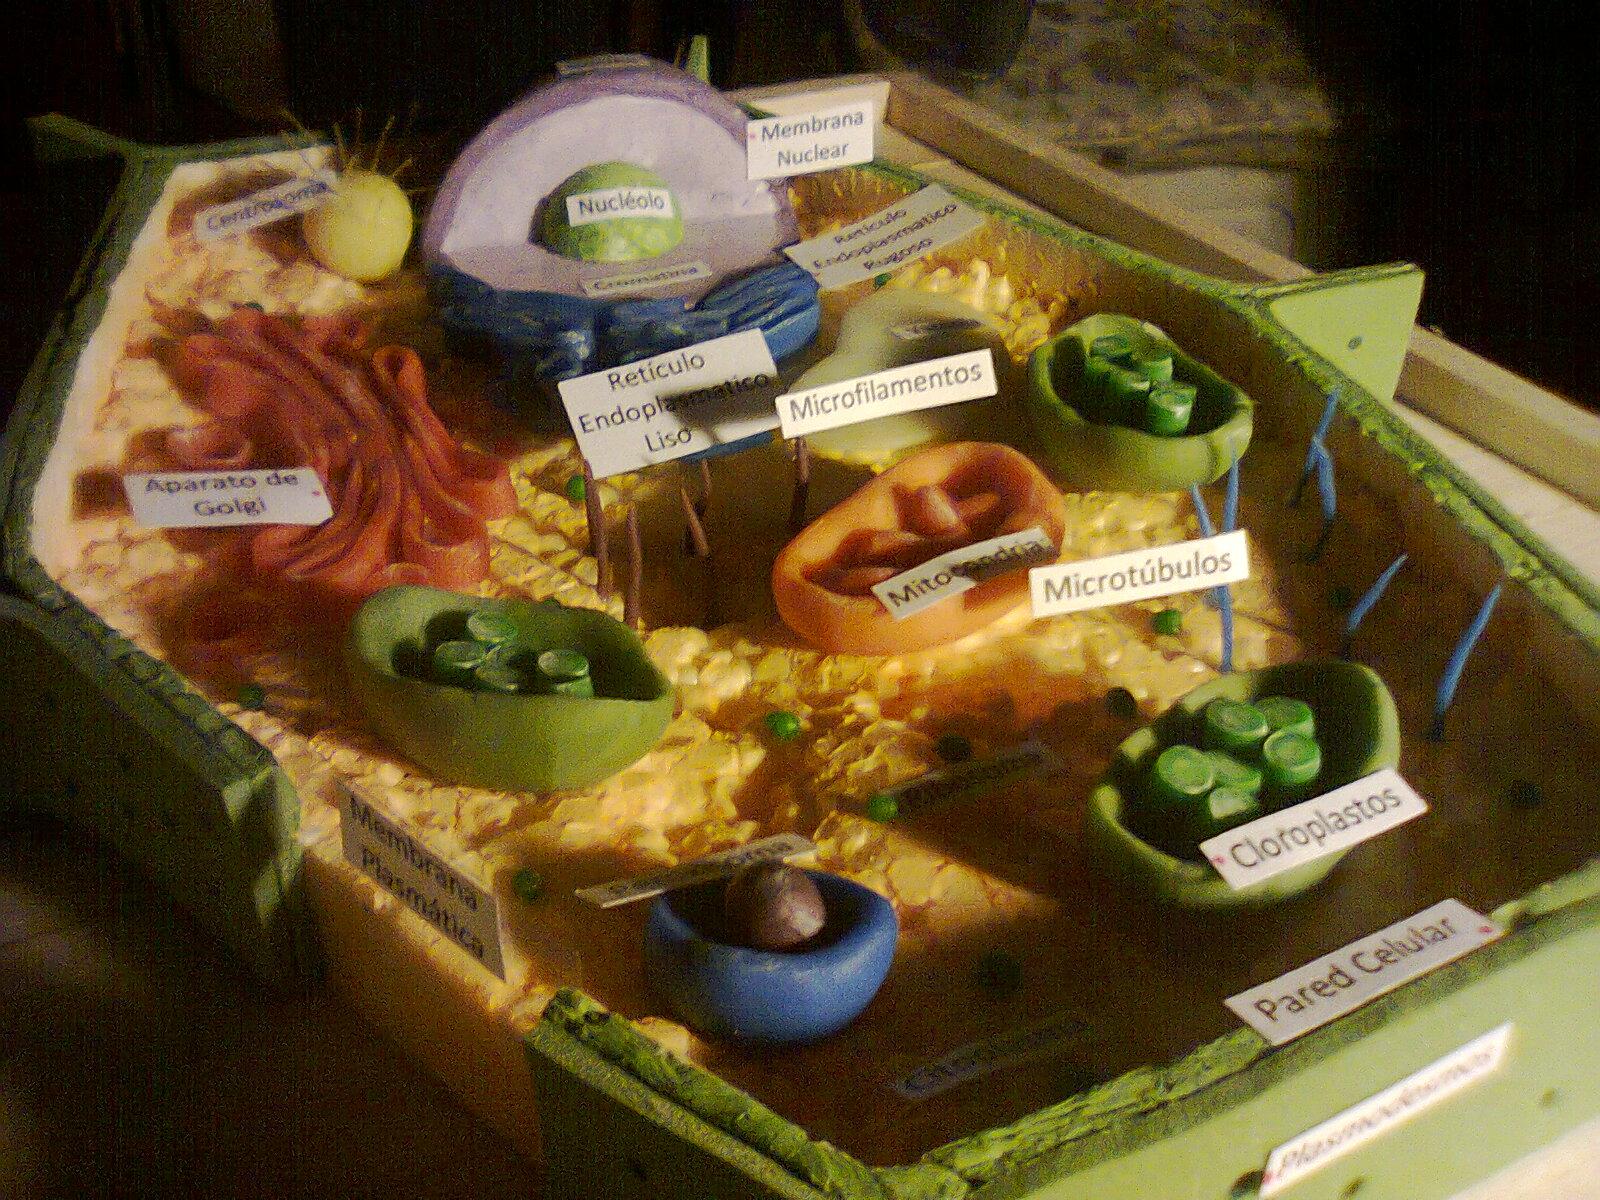 La Maqueta De Celula Vegetal